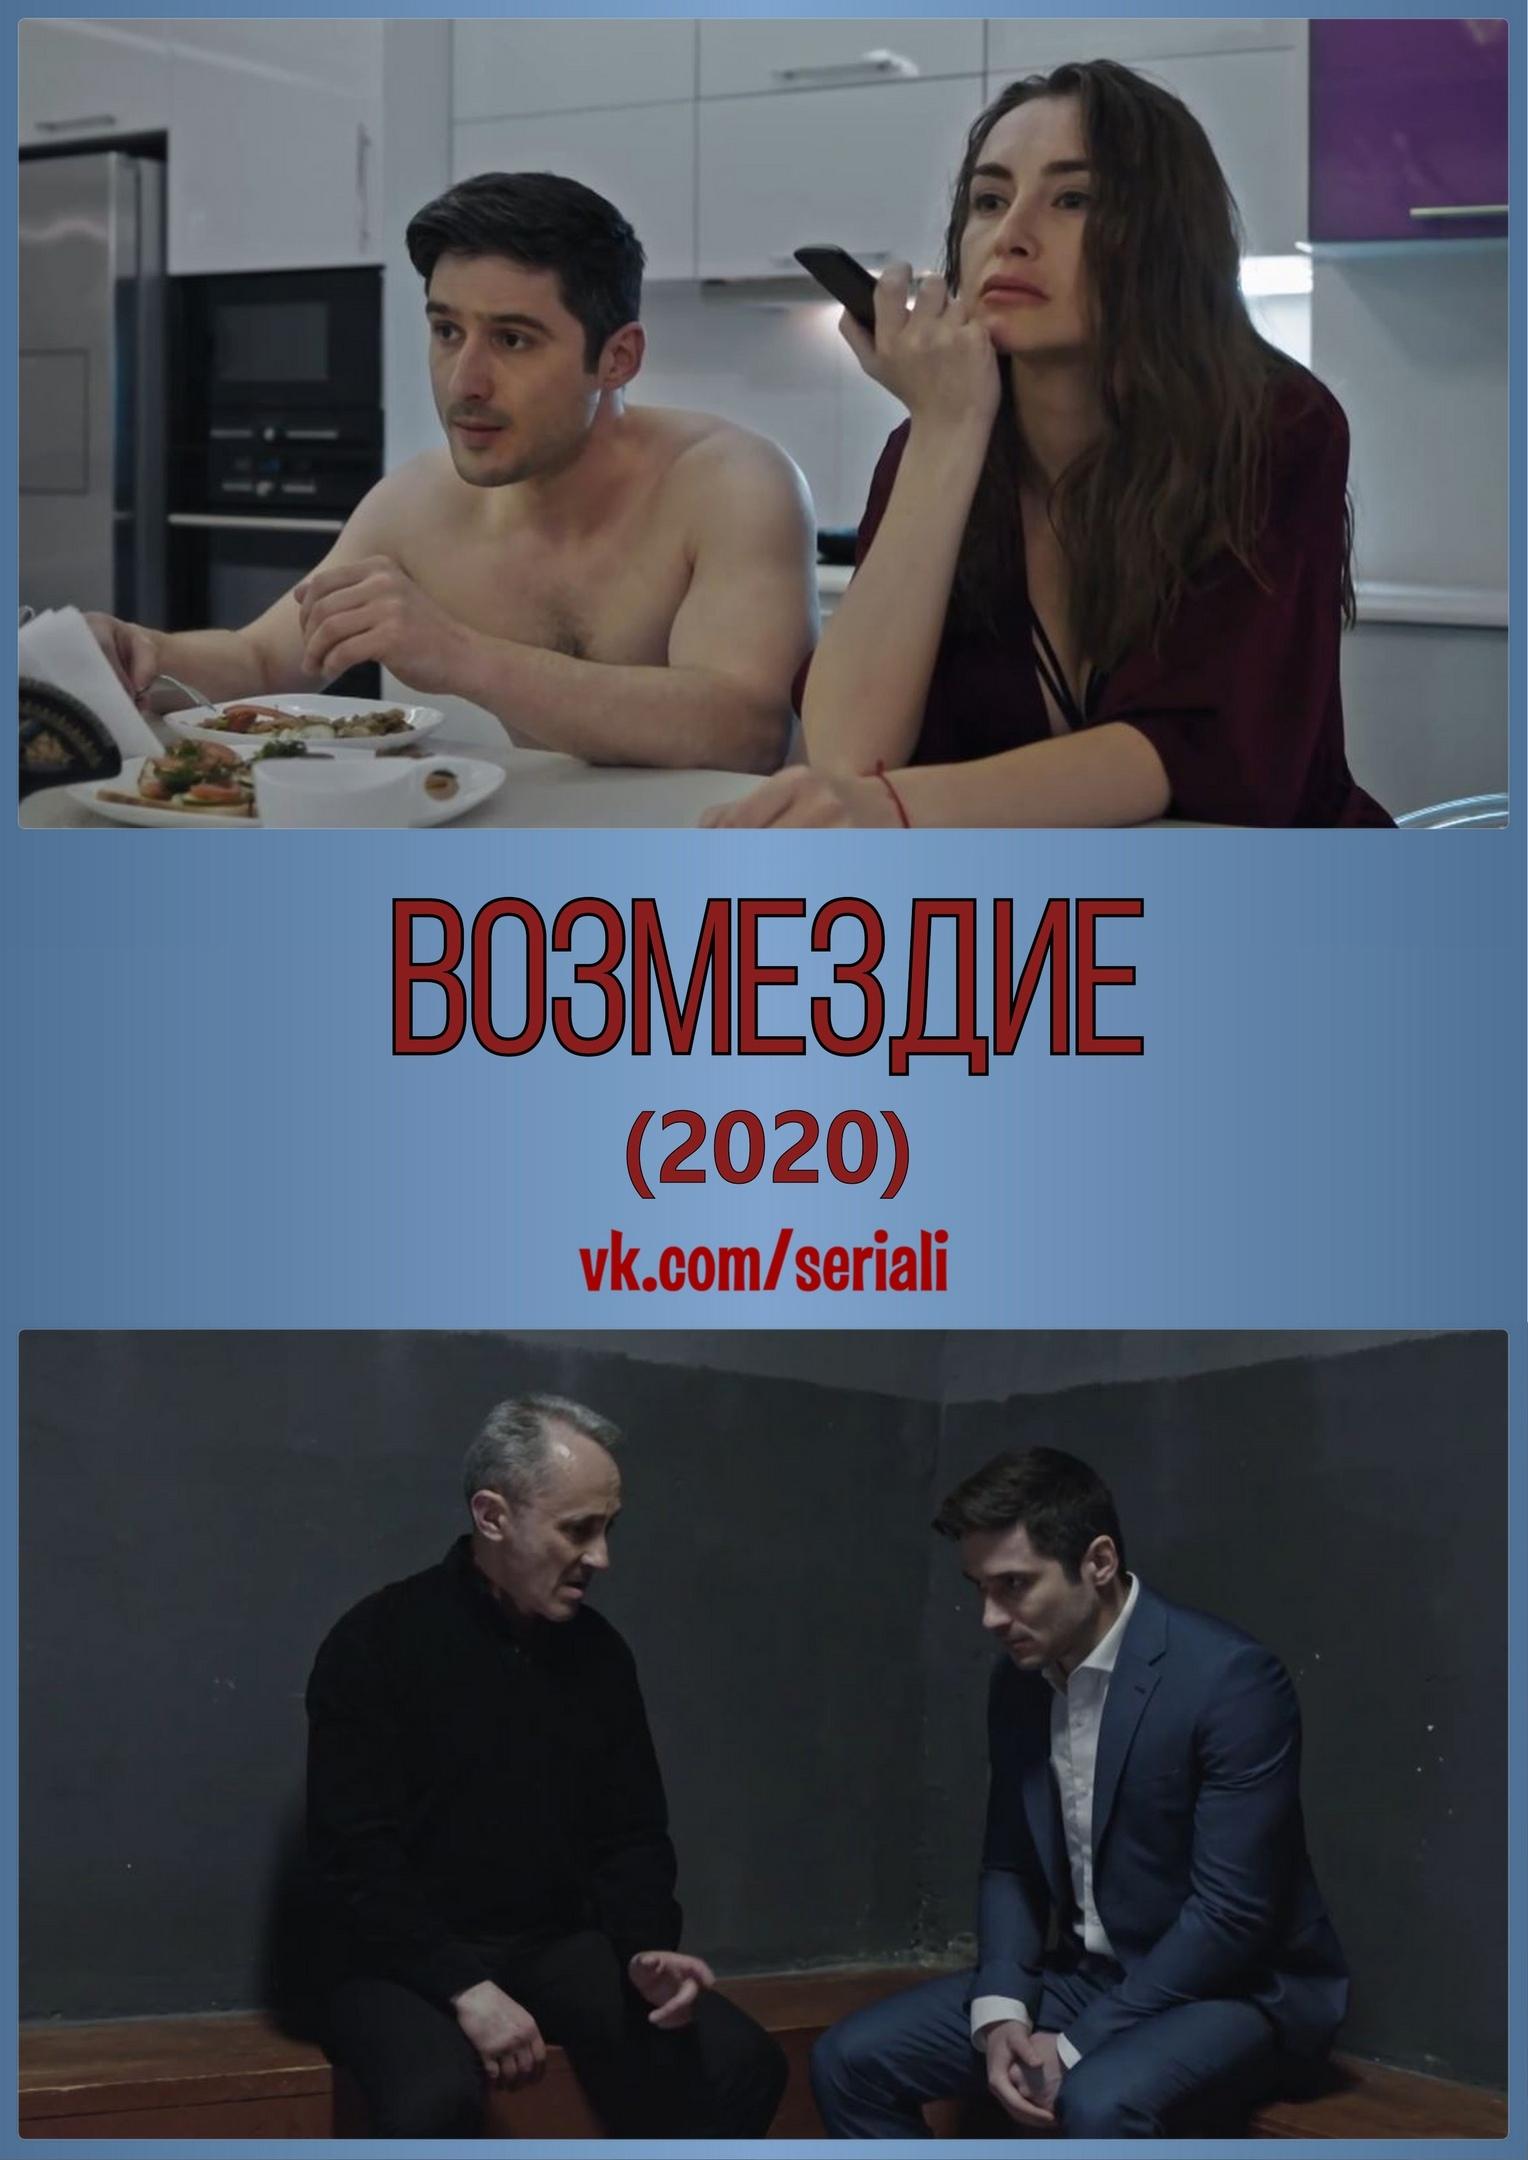 Детективный триллер «Boзмездиe» (2020) 1-4 серия из 4 HD